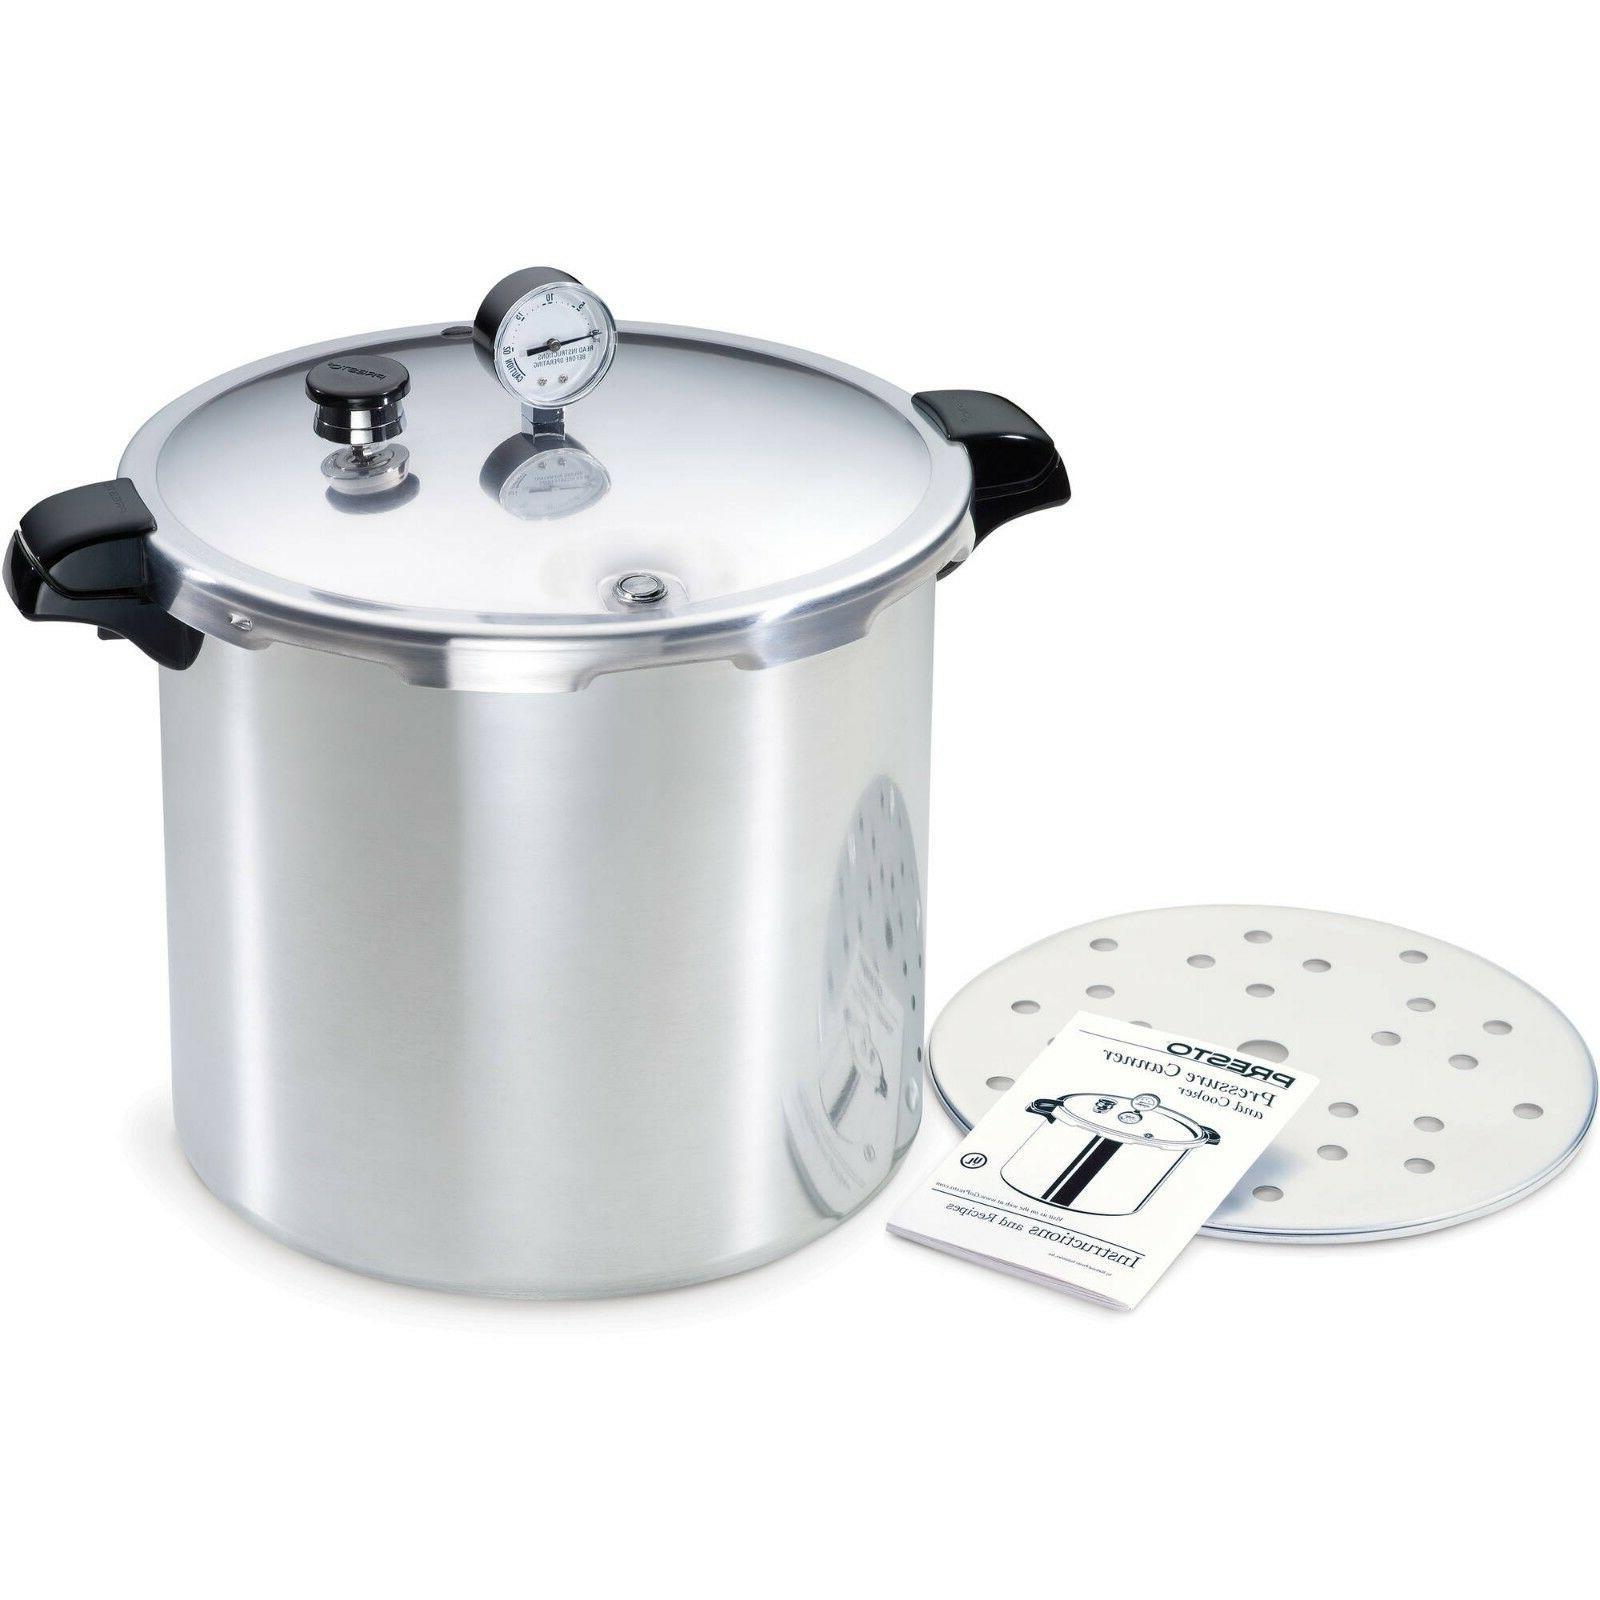 23-Quart Canner Cooker Appliance Pot